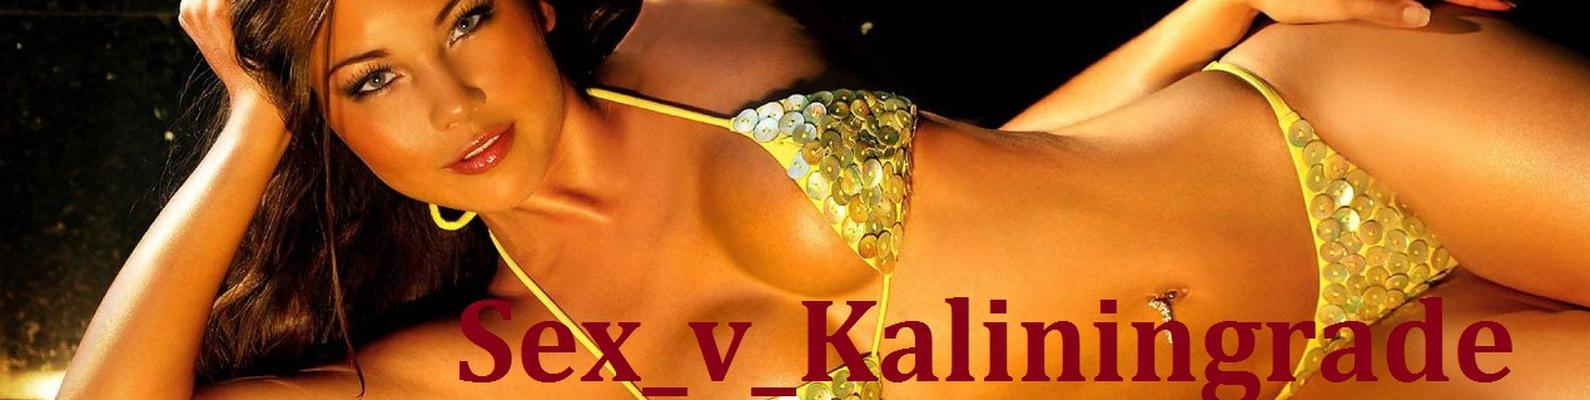 Проститутки Калининграда для каждого